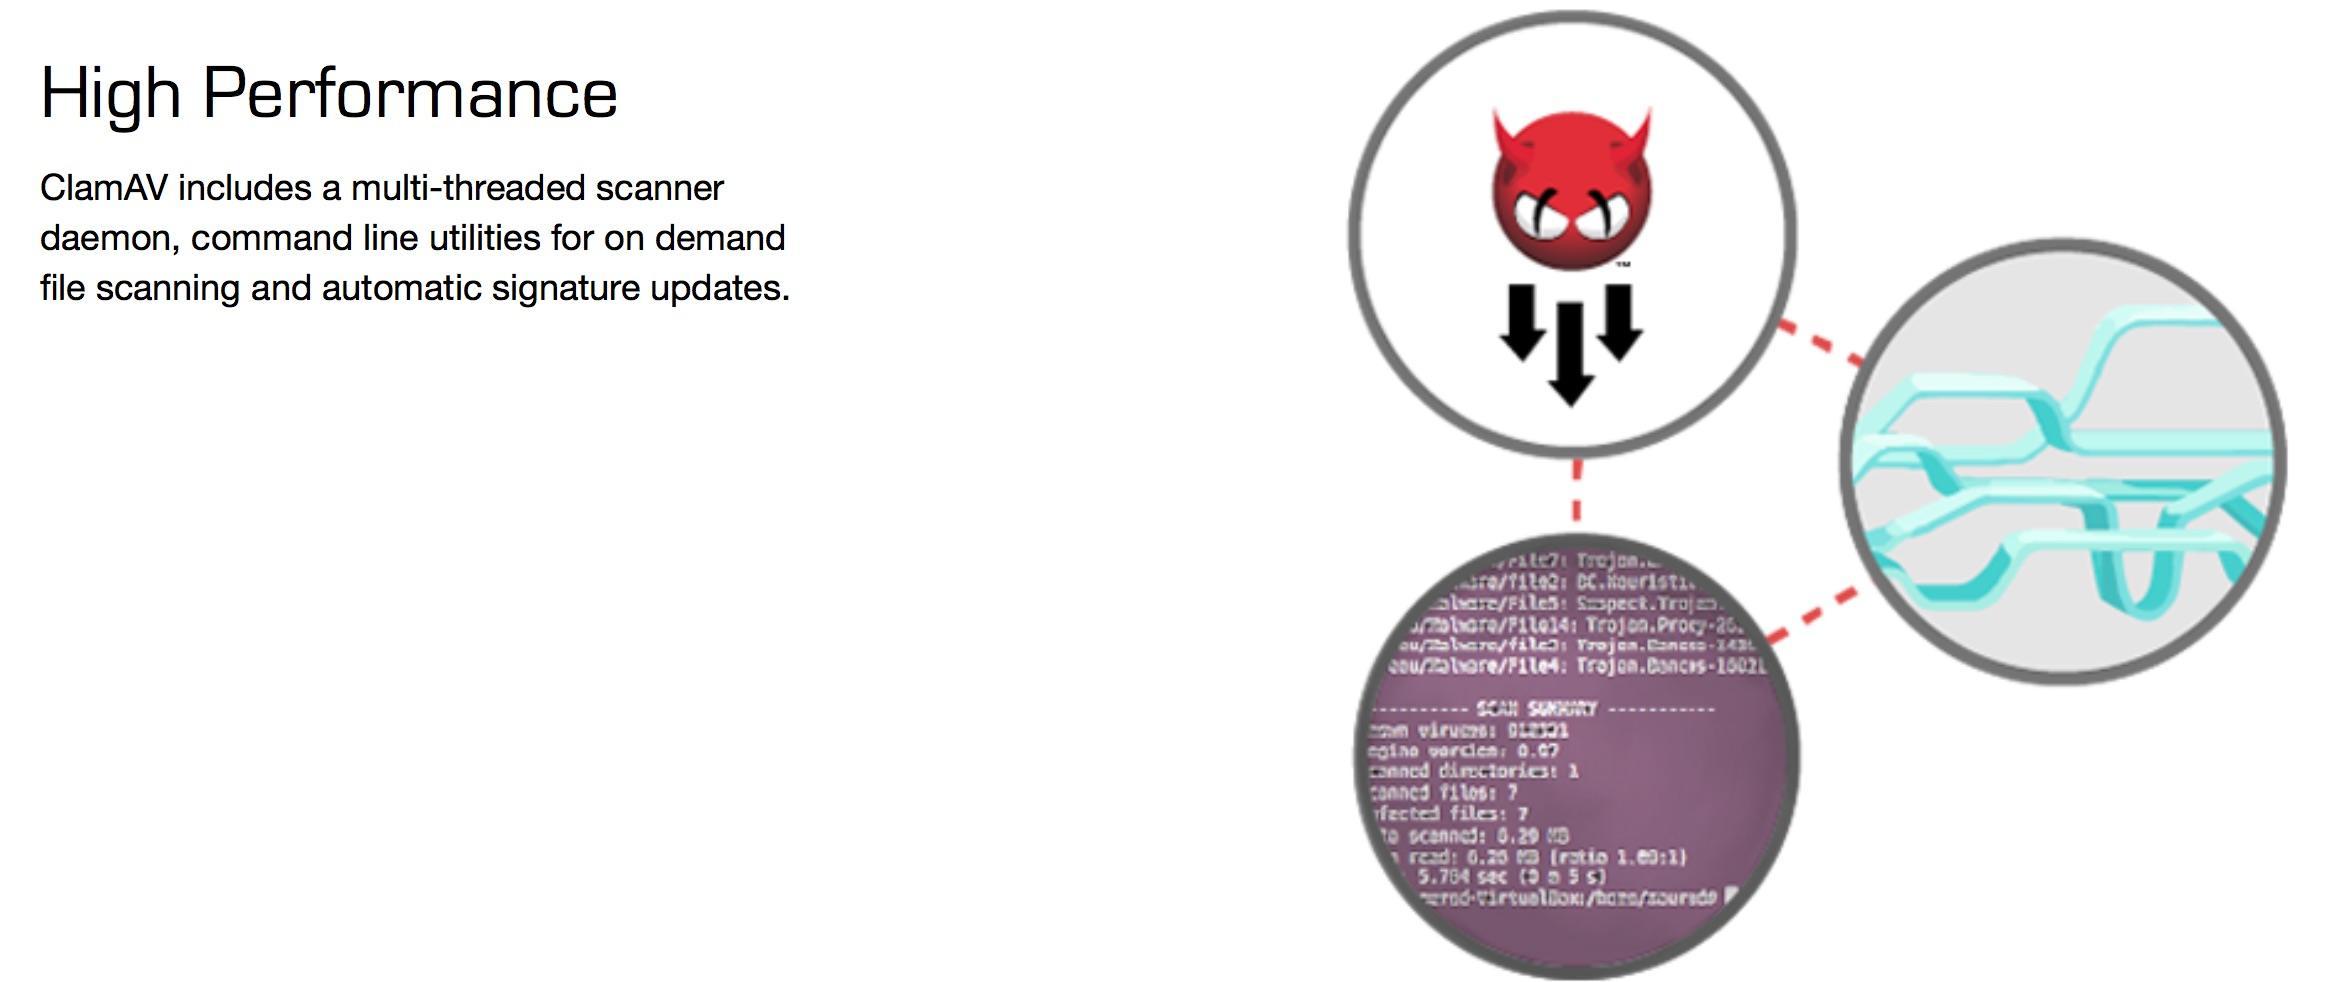 Hướng dẫn cài đặt ClamAV trên Linux để quét virus/malware